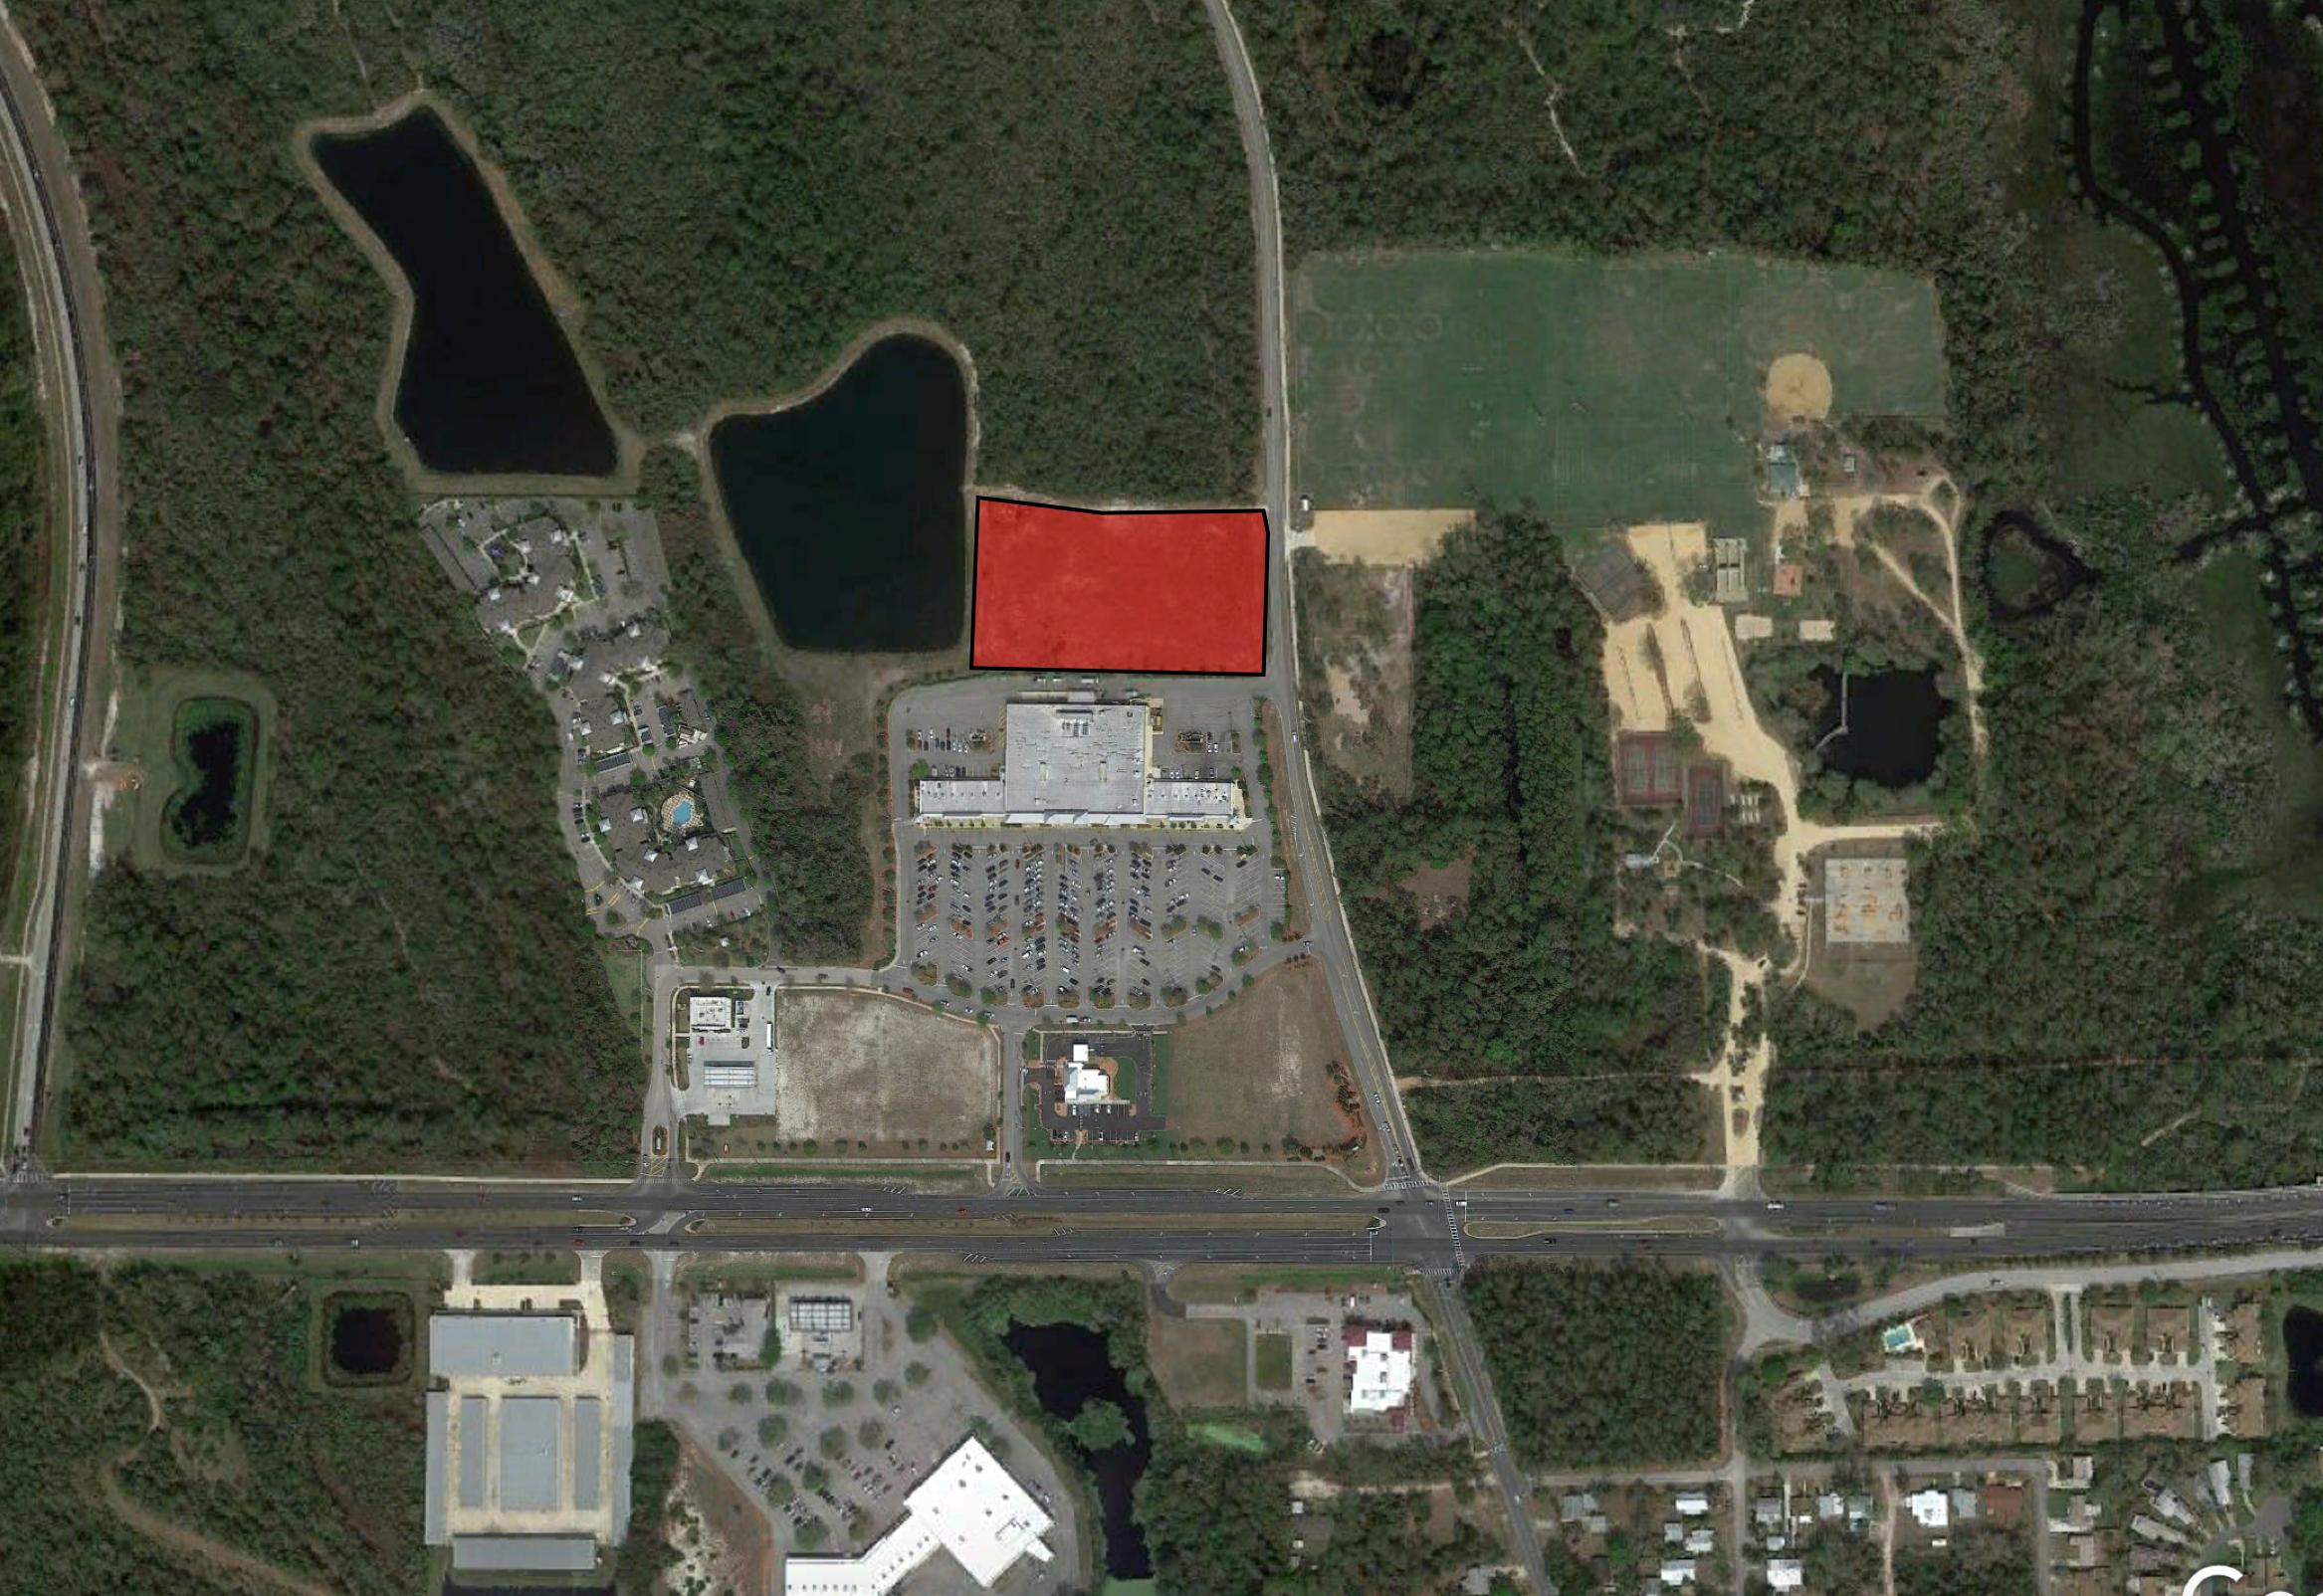 Publix Center Commercial Lot - Size: 3+/- Net Acres Zoning: COM-2Price: $440,000